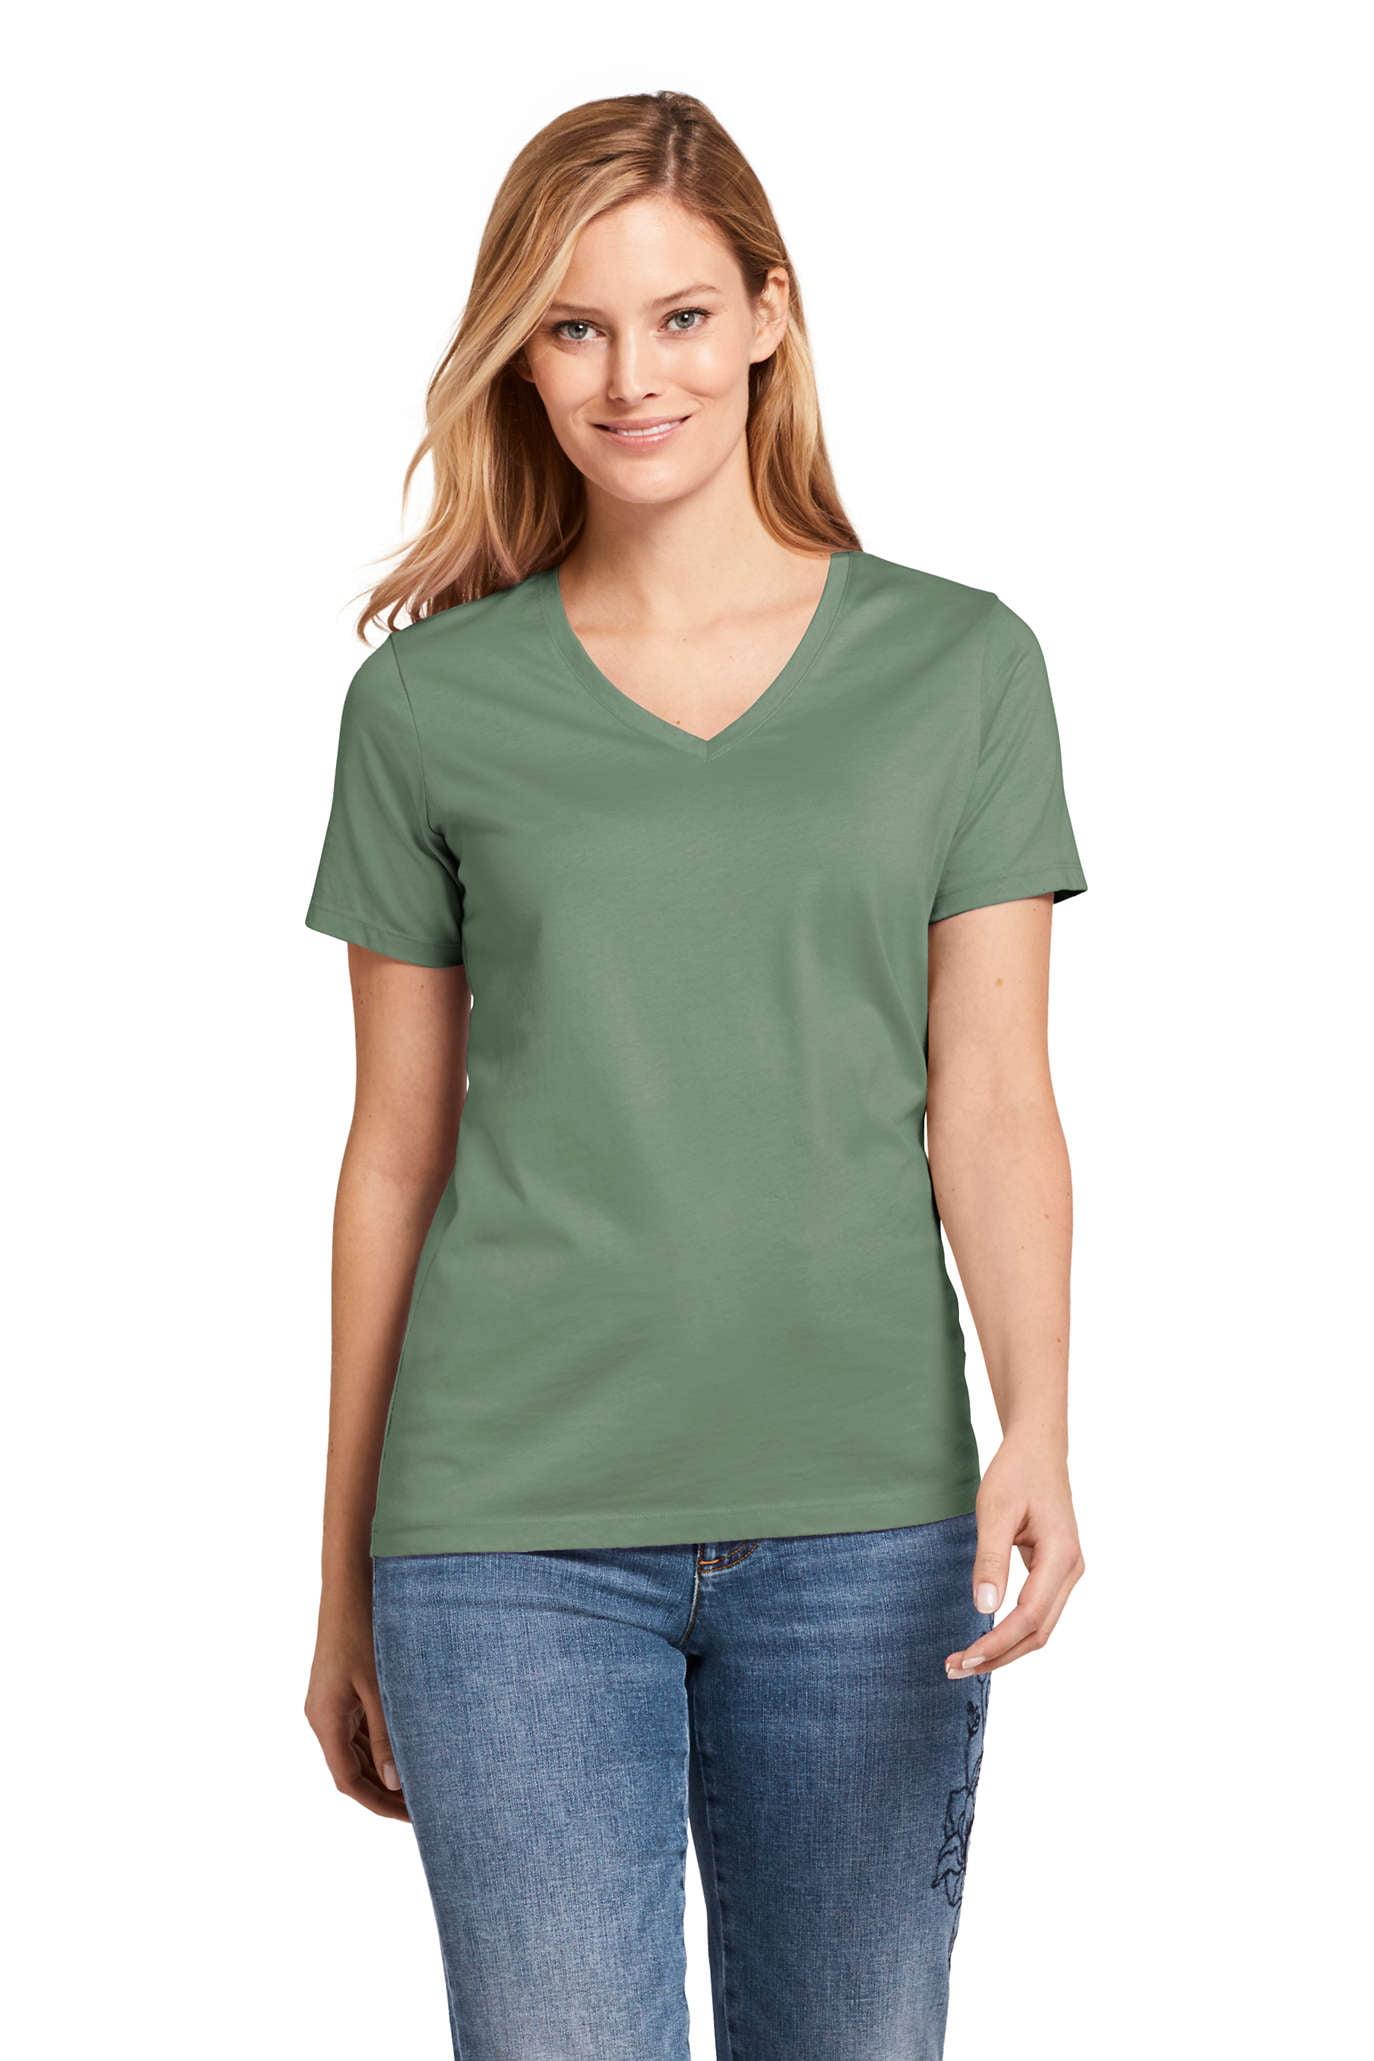 Women's Relaxed Supima V-Neck T-Shirt